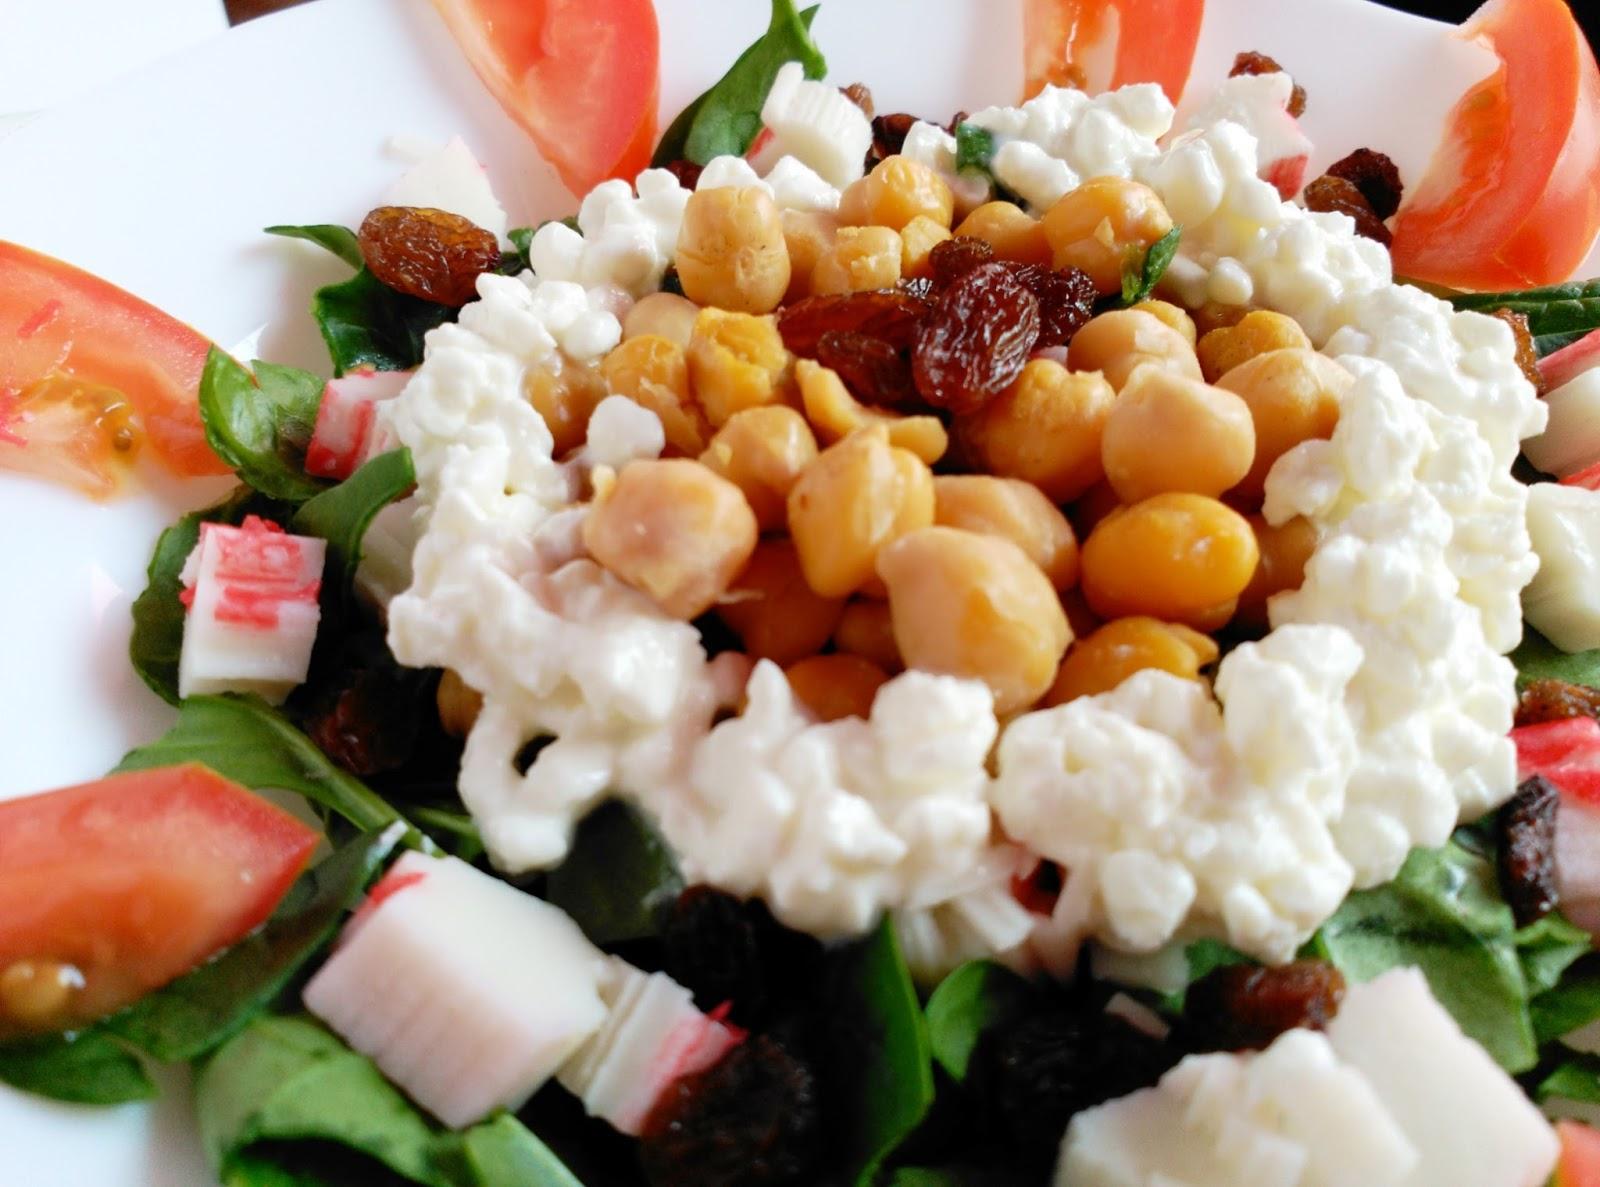 Ensalada de espinacas y garbanzos recetas fitness f ciles - Ensalada de garbanzos light ...